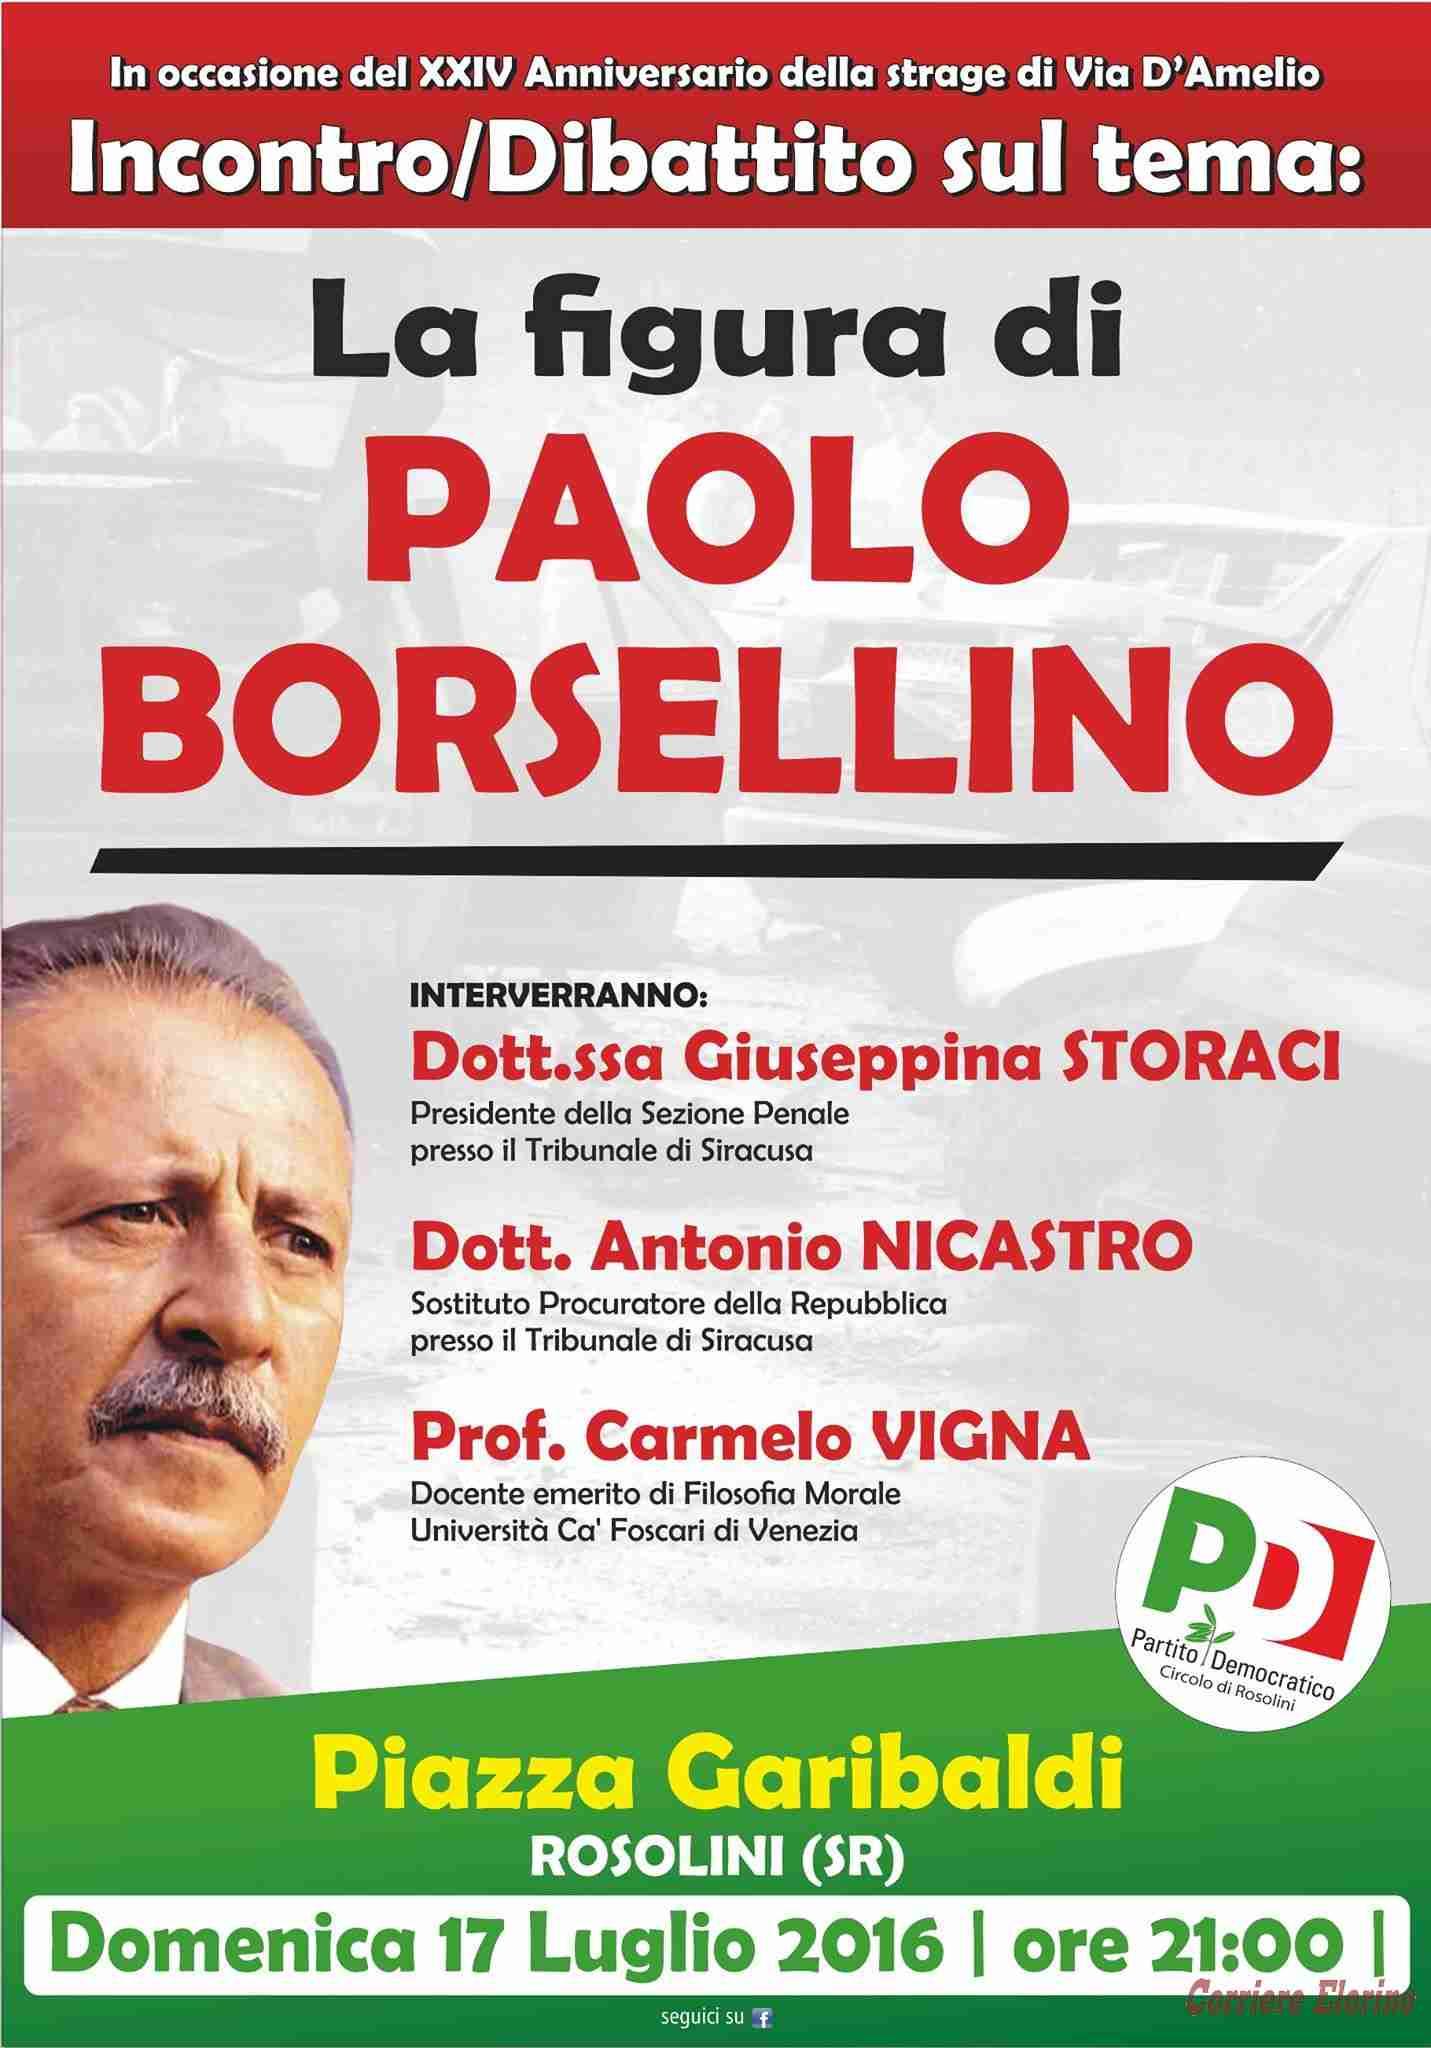 """""""La figura di Paolo Borsellino"""", domenica 17 luglio l'incontro dibattito organizzato dal Partito Democratico, circolo di Rosolini"""